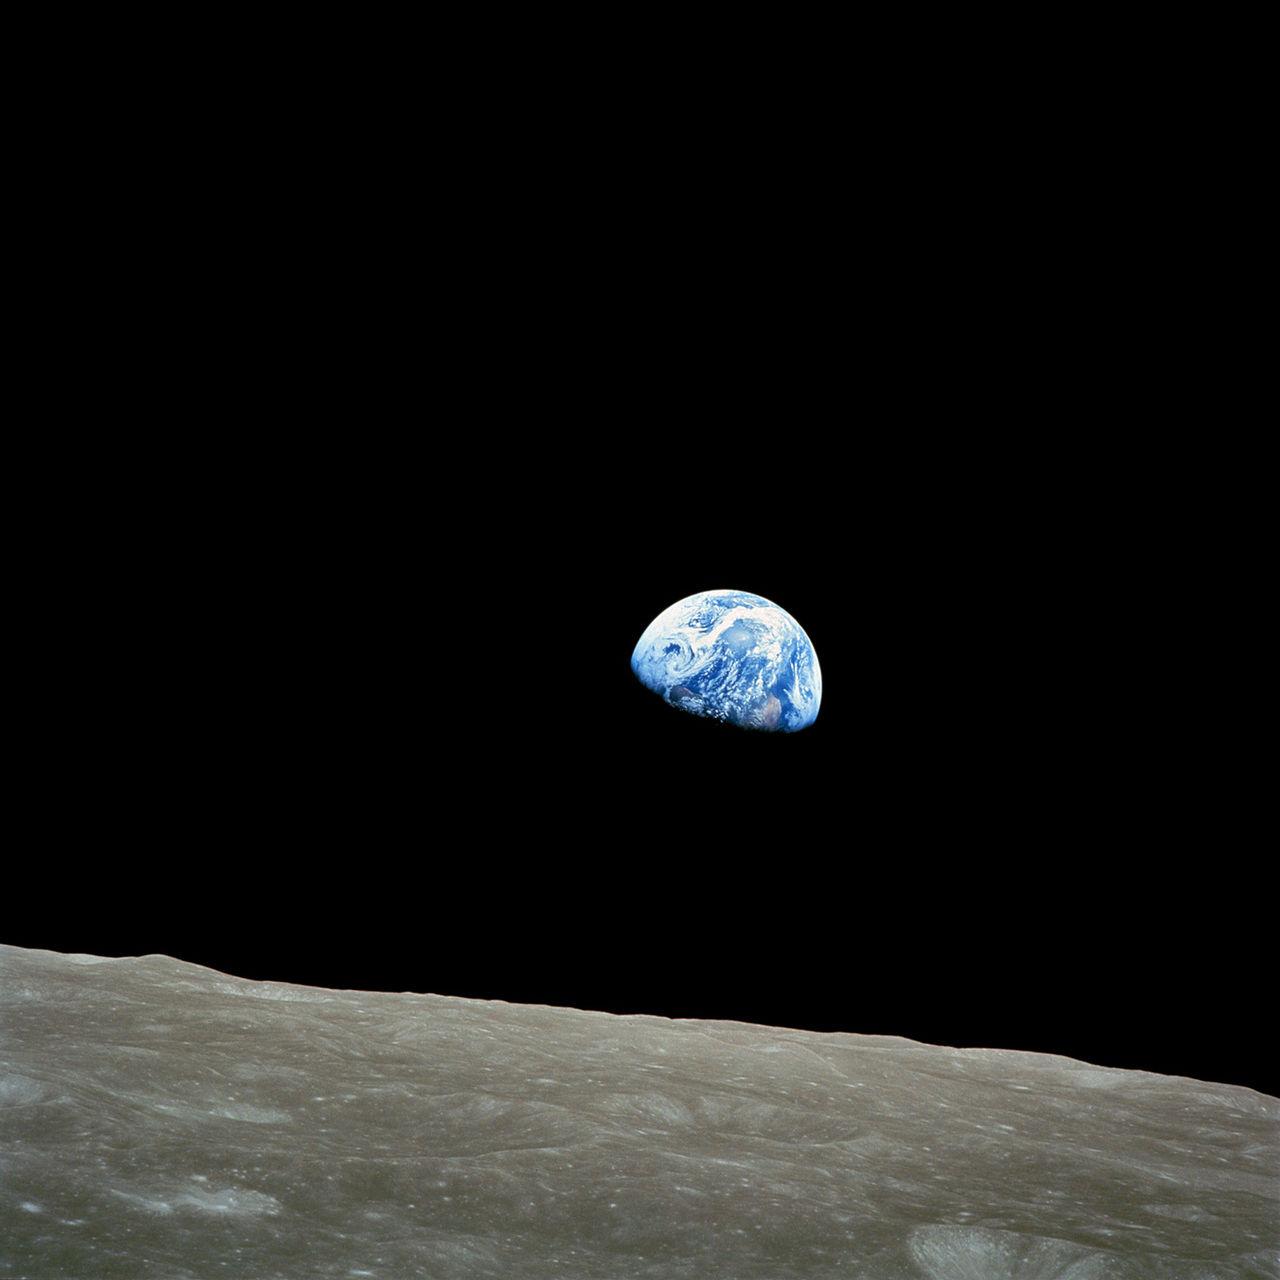 Tut i luren - 45 år sedan Earthrise-fotot togs